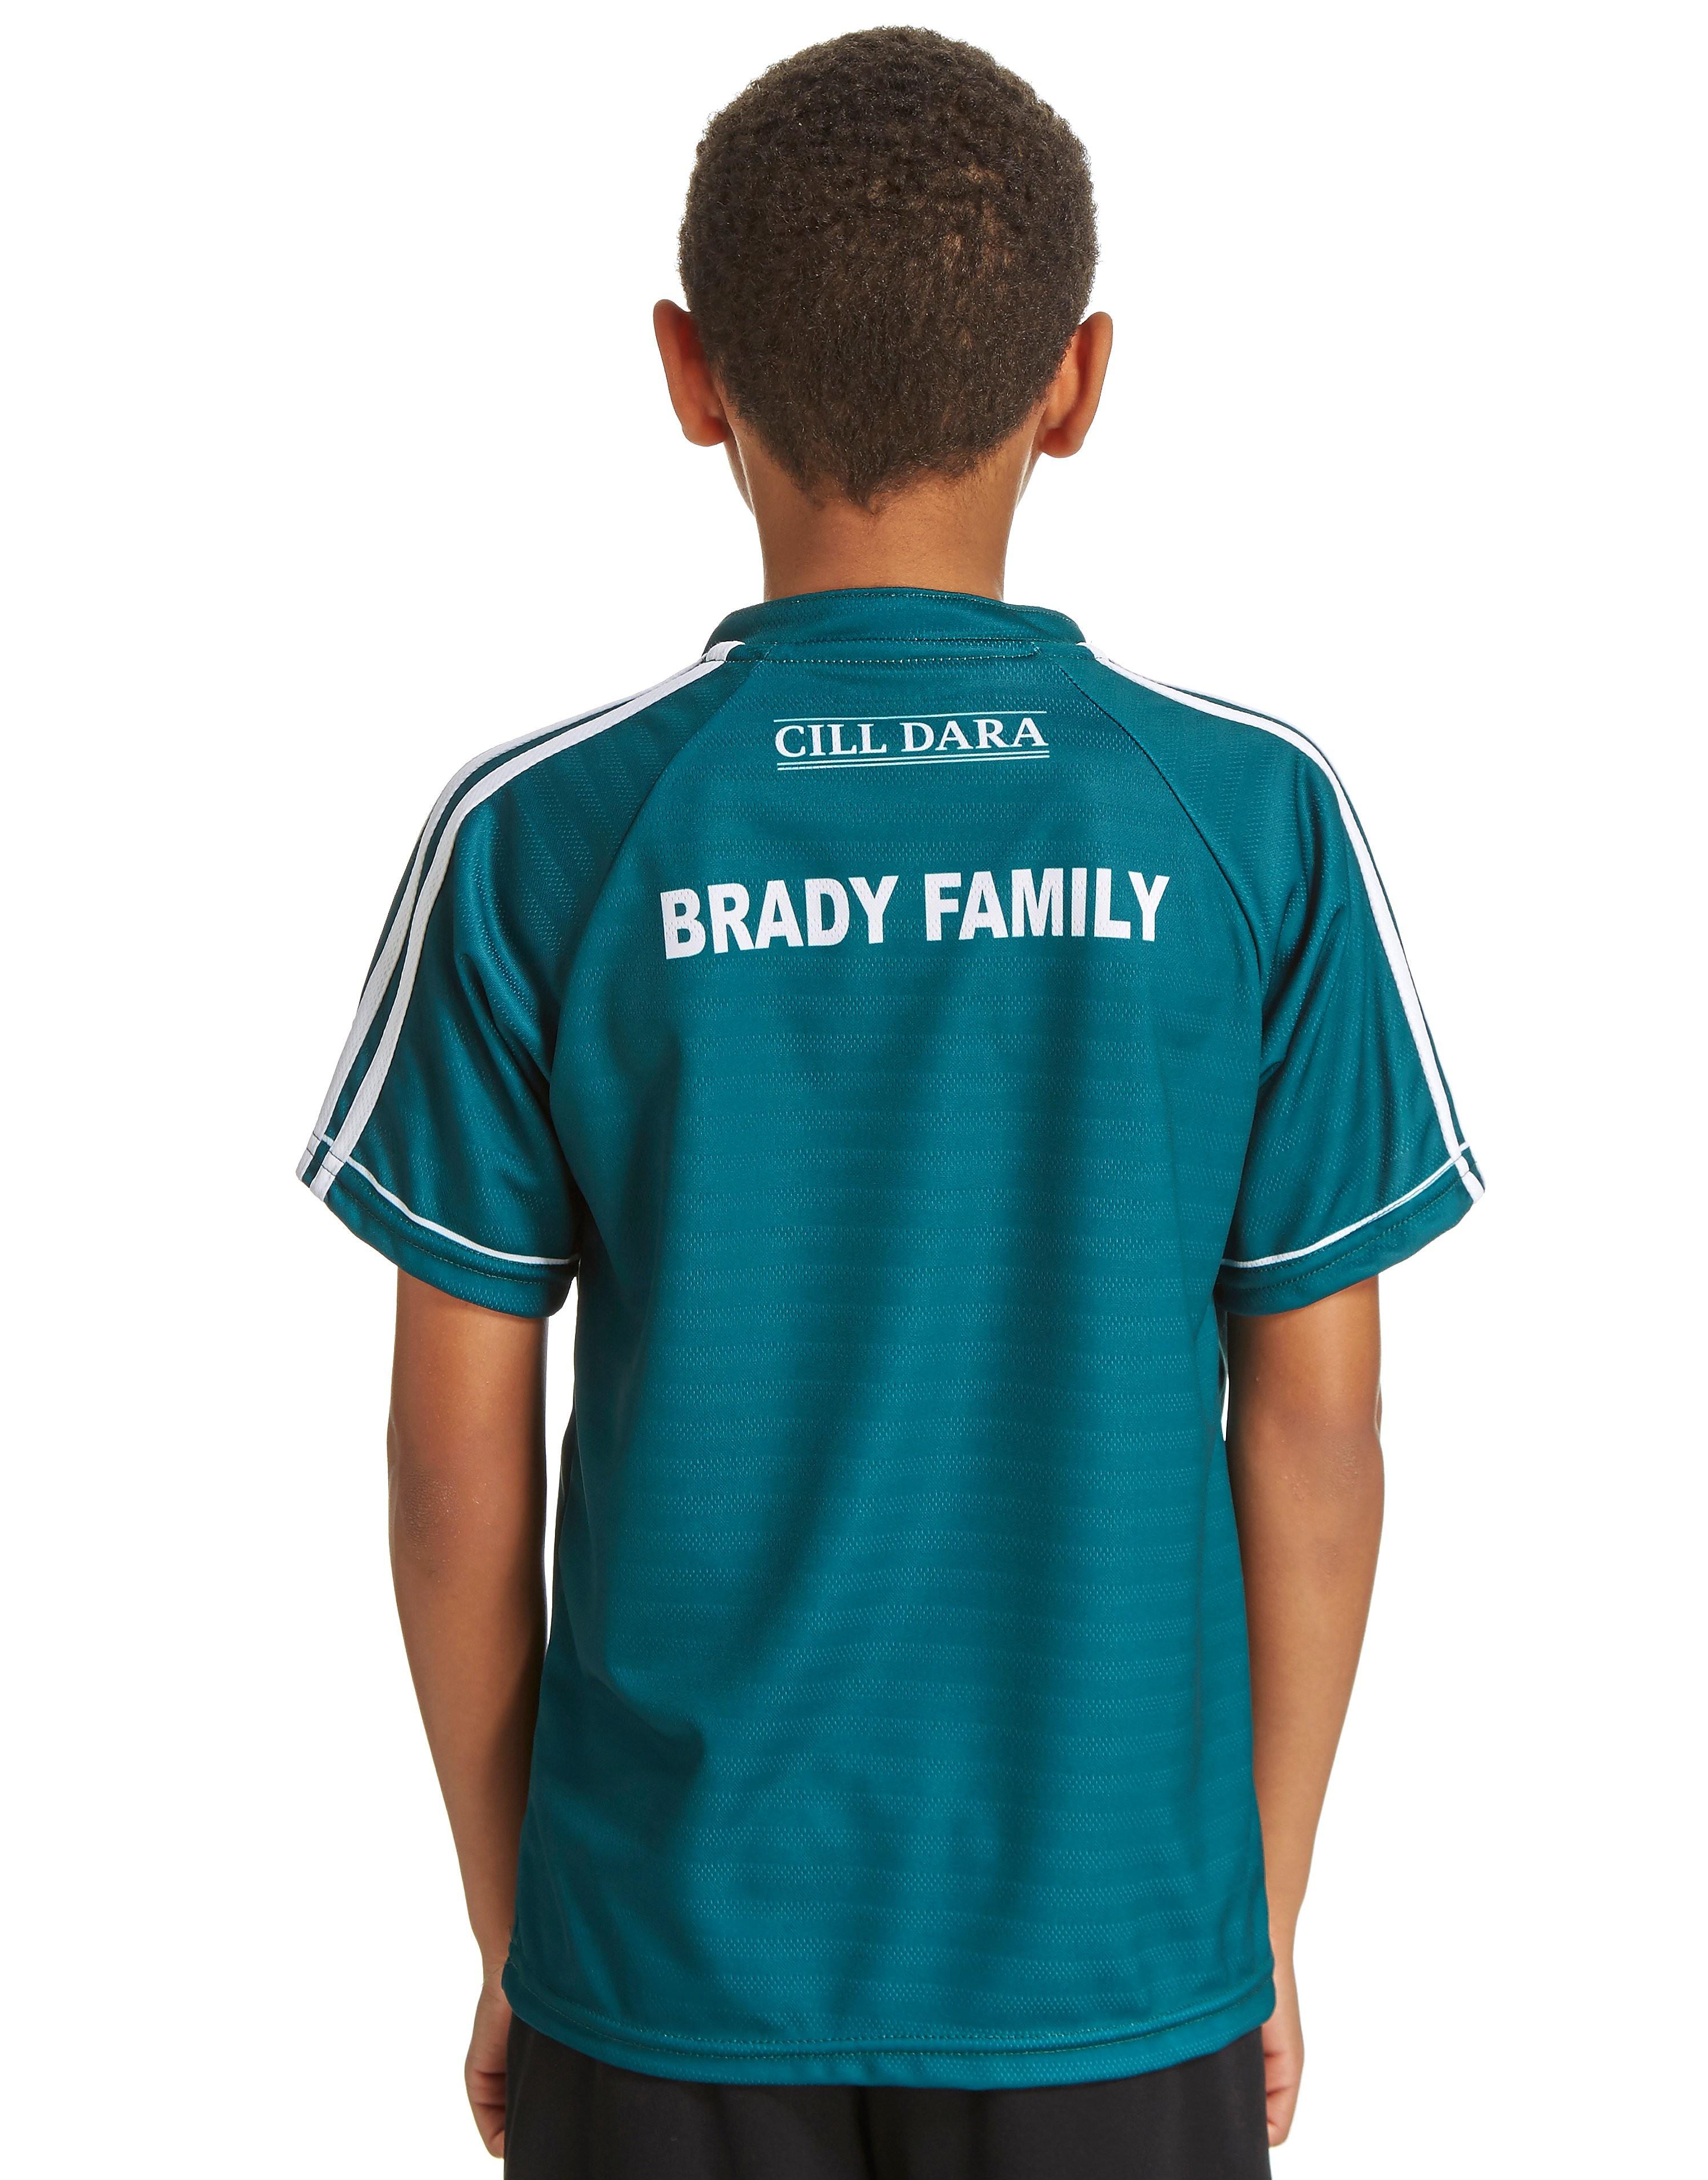 O'Neills Kildare 2016 Away Shirt Junior